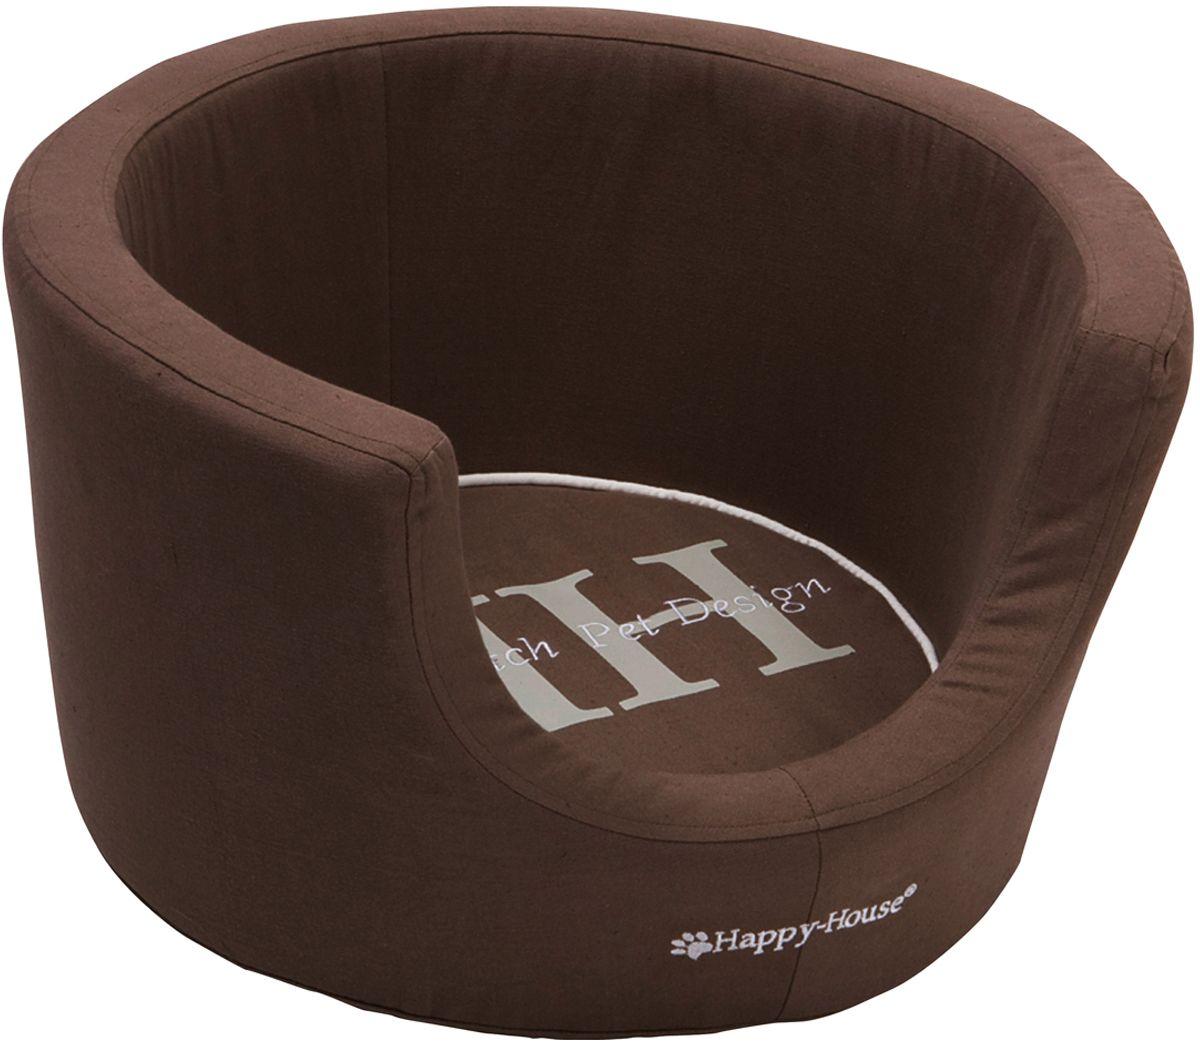 Лежак для животных Happy House Canvas Comfort, цвет: коричневый, 43 х 43 х 25 см10021272Лежак Happy House Canvas Comfort непременно станет любимым местом отдыха вашего домашнего животного. Изделие выполнено из высококачественного хлопка, а наполнитель - из полиэстера. Такой материал не теряет своей формы долгое время. Внутри имеется мягкая съемная подстилка. На таком лежаке вашему любимцу будет мягко и тепло. Он подарит вашему питомцу ощущение уюта и уединенности.